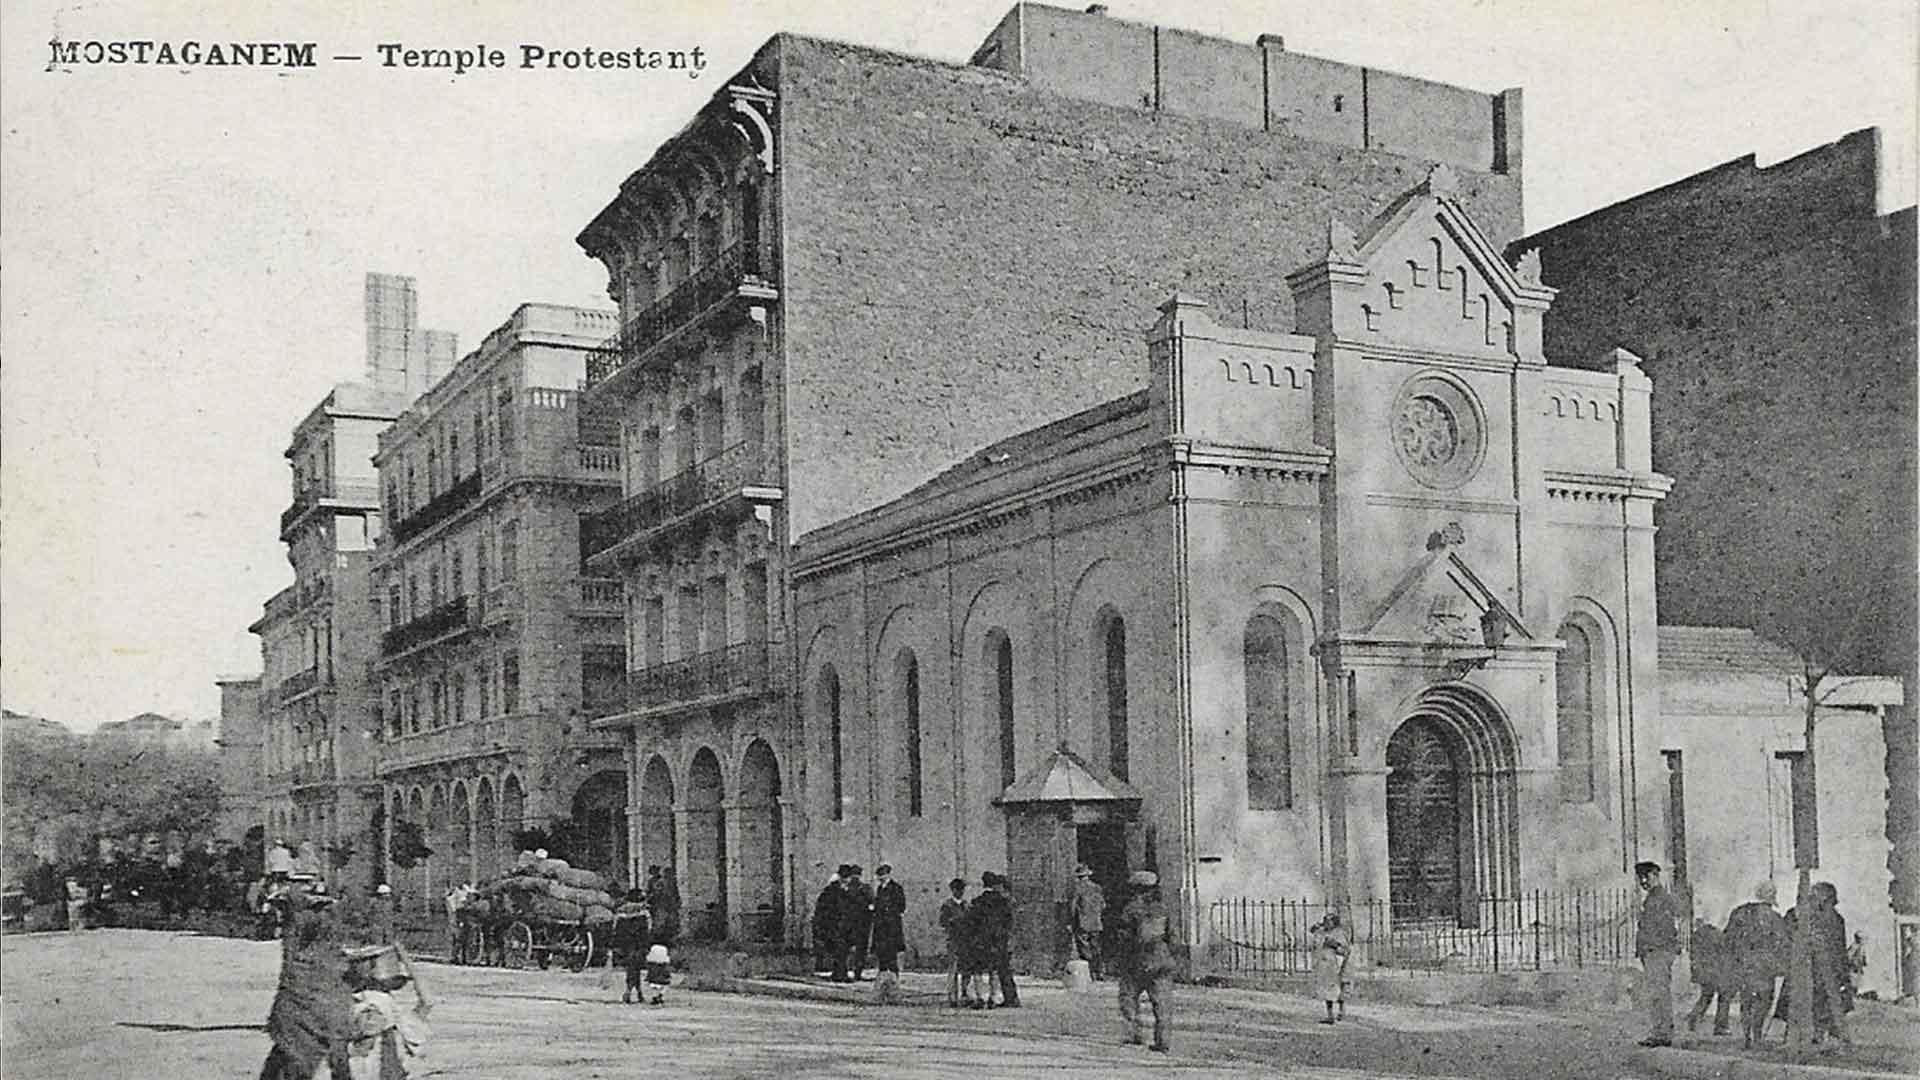 Mostaganem-Temple-Protestant